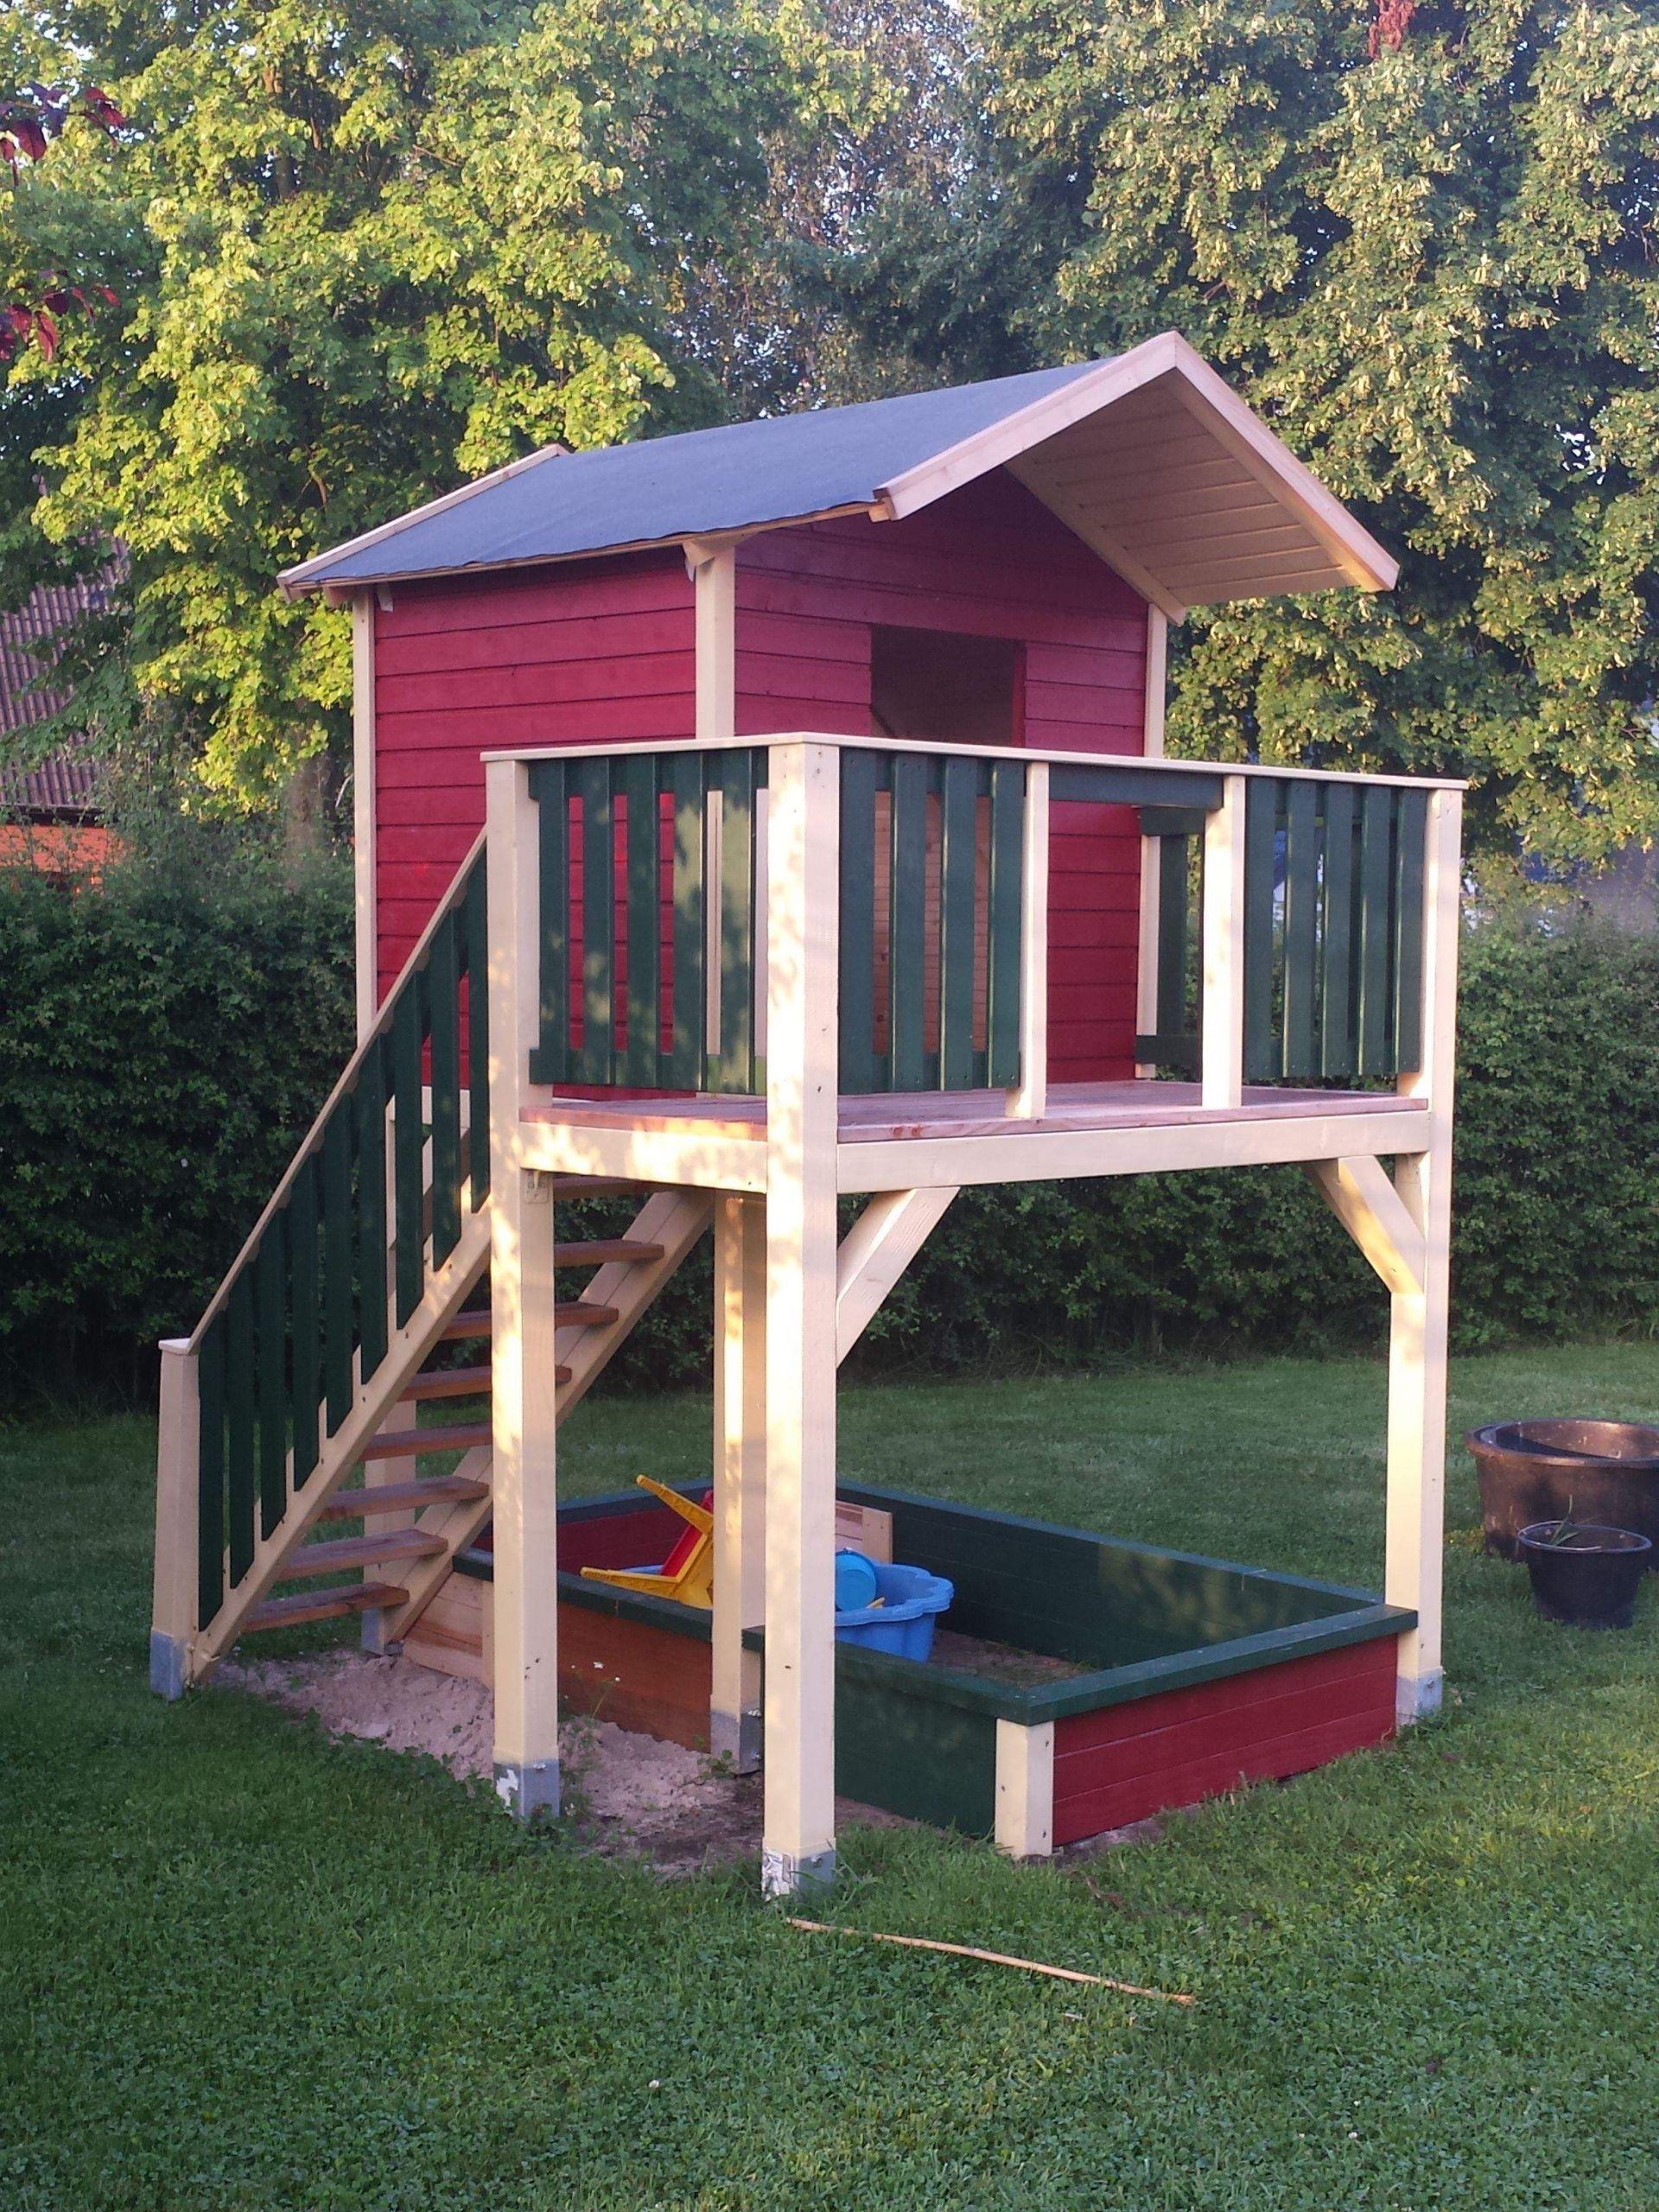 Spielplatz Im Garten Selber Bauen Inspirierend Spielturm Mit Treppe Bauanleitung Zum Selber Bauen